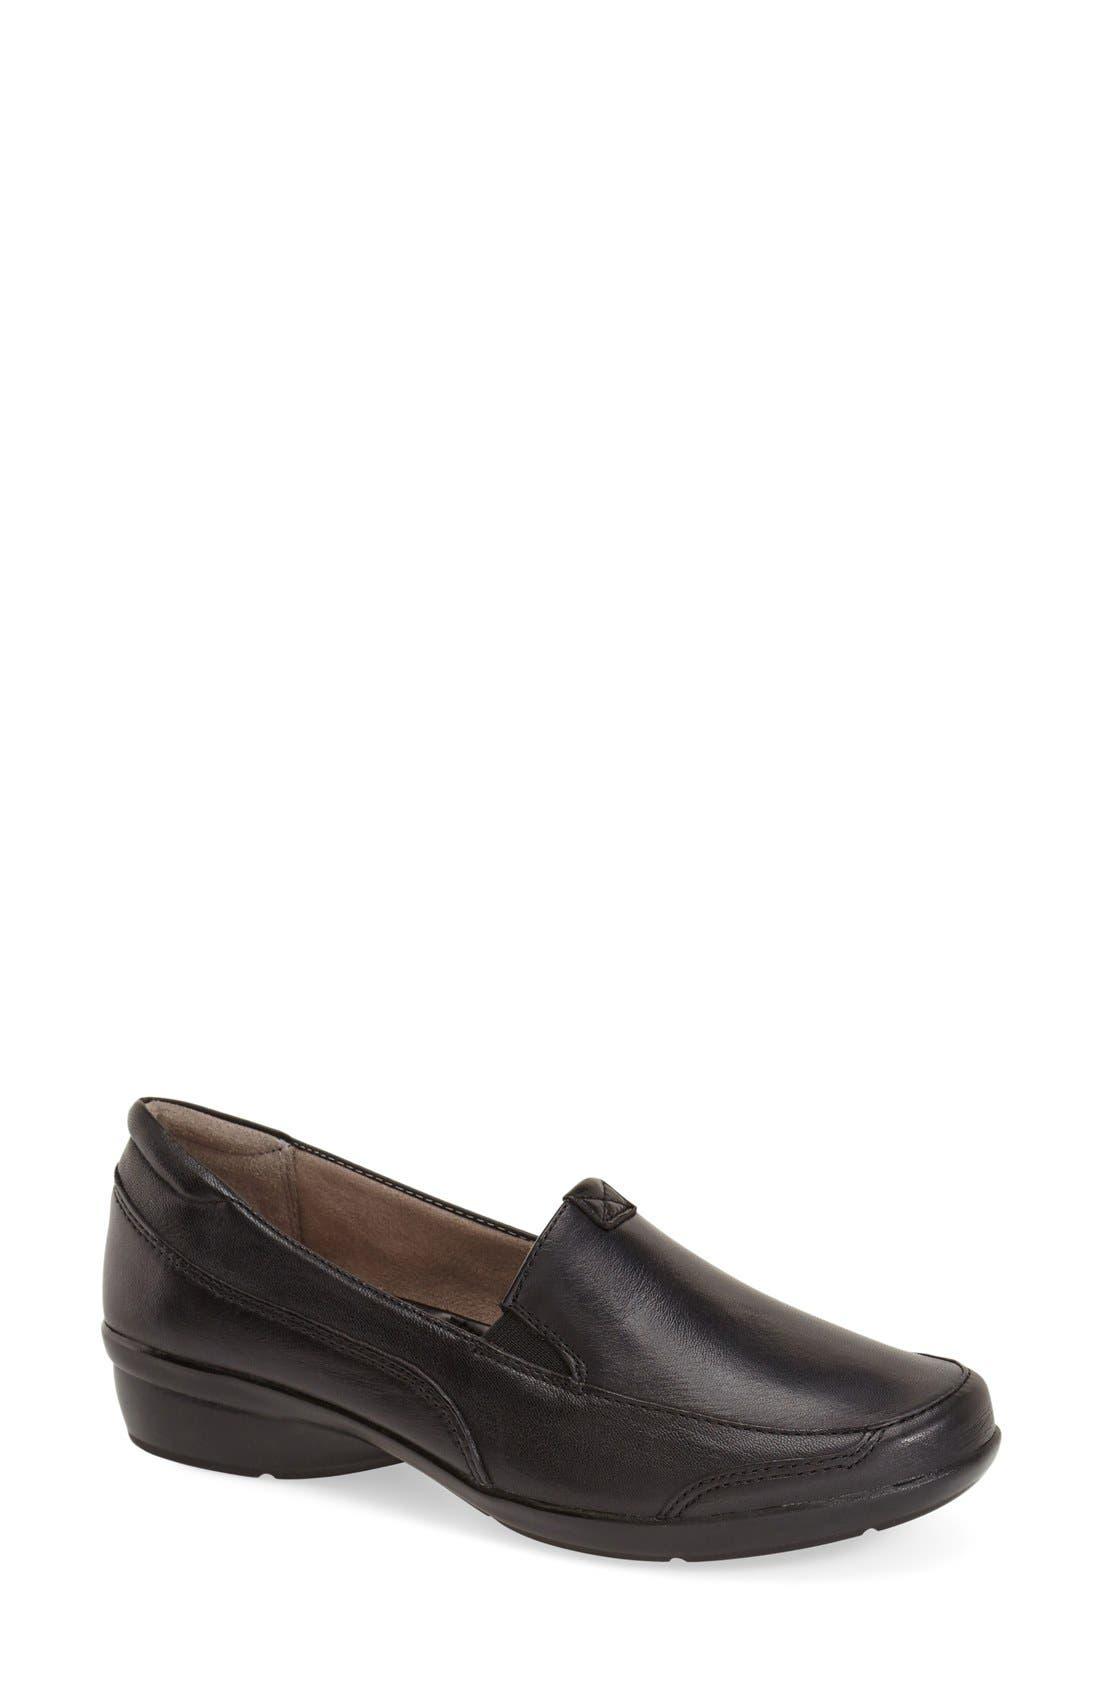 'Channing' Loafer,                         Main,                         color, BLACK